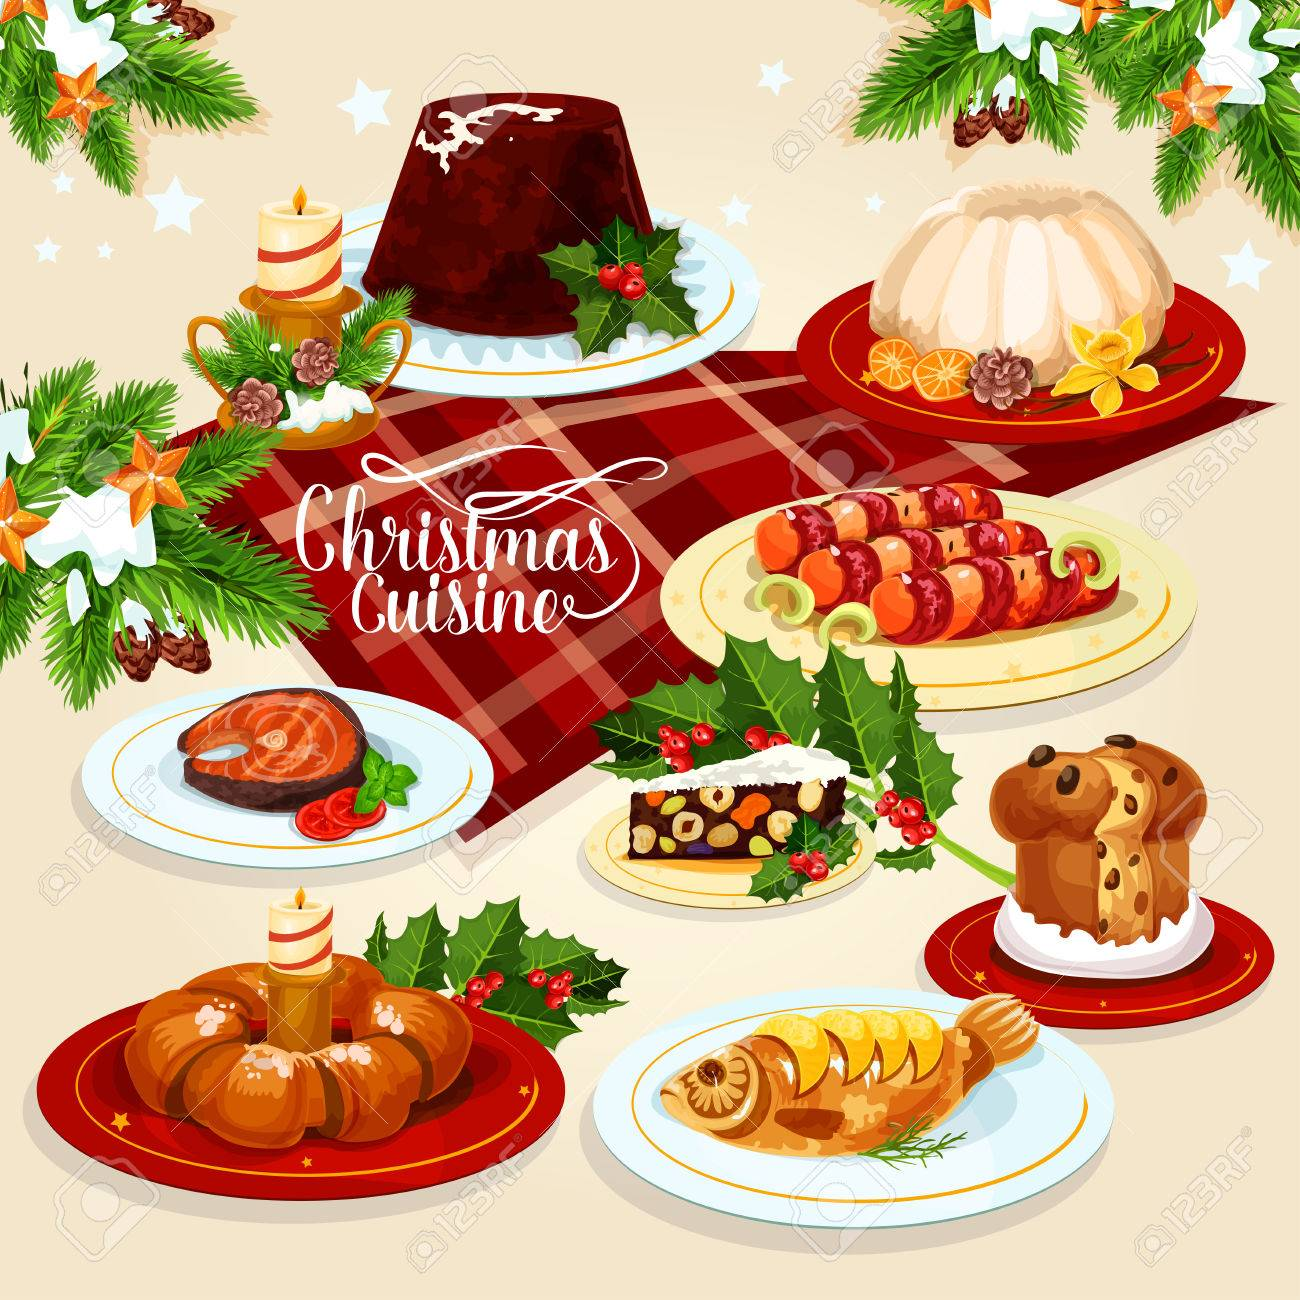 Weihnachten Festliche Gerichte Menü-Symbol Von Weihnachten Pudding ...